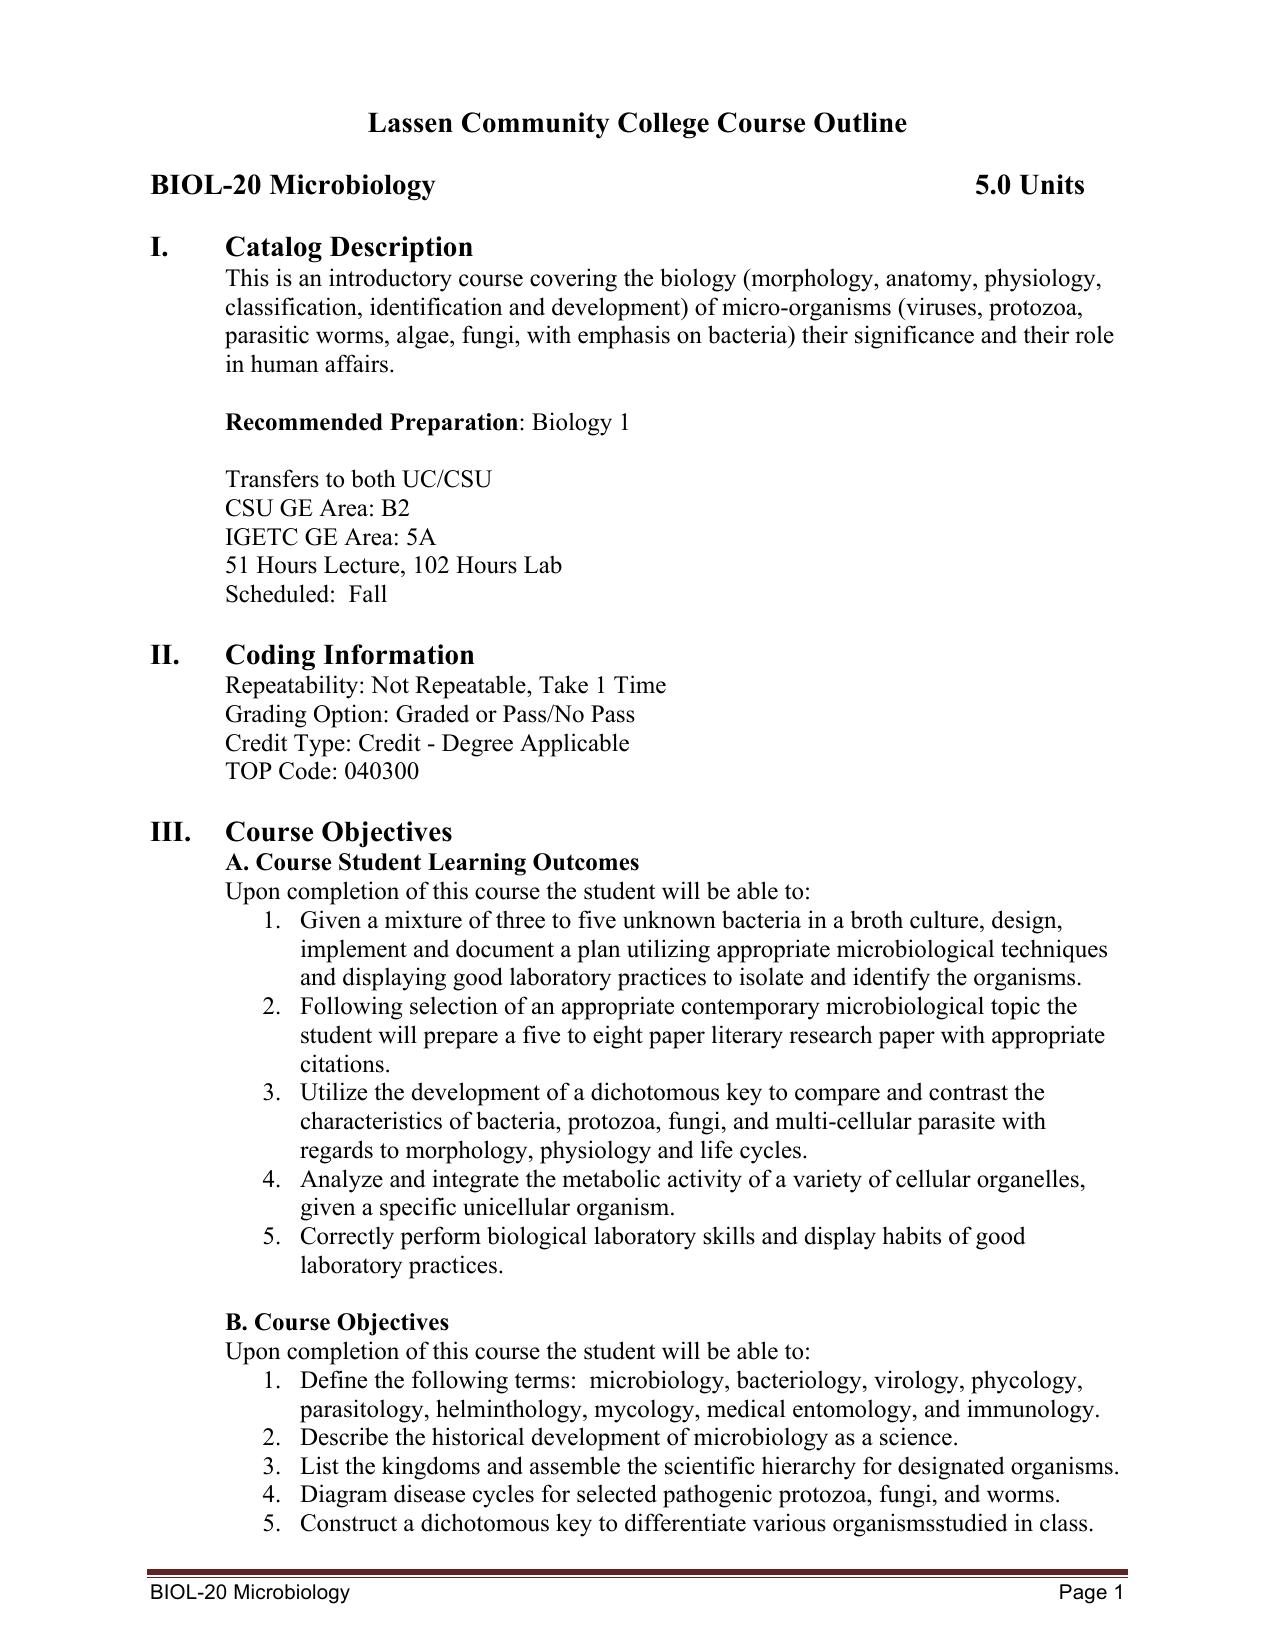 3-2014 BIOL 20 Microbiology